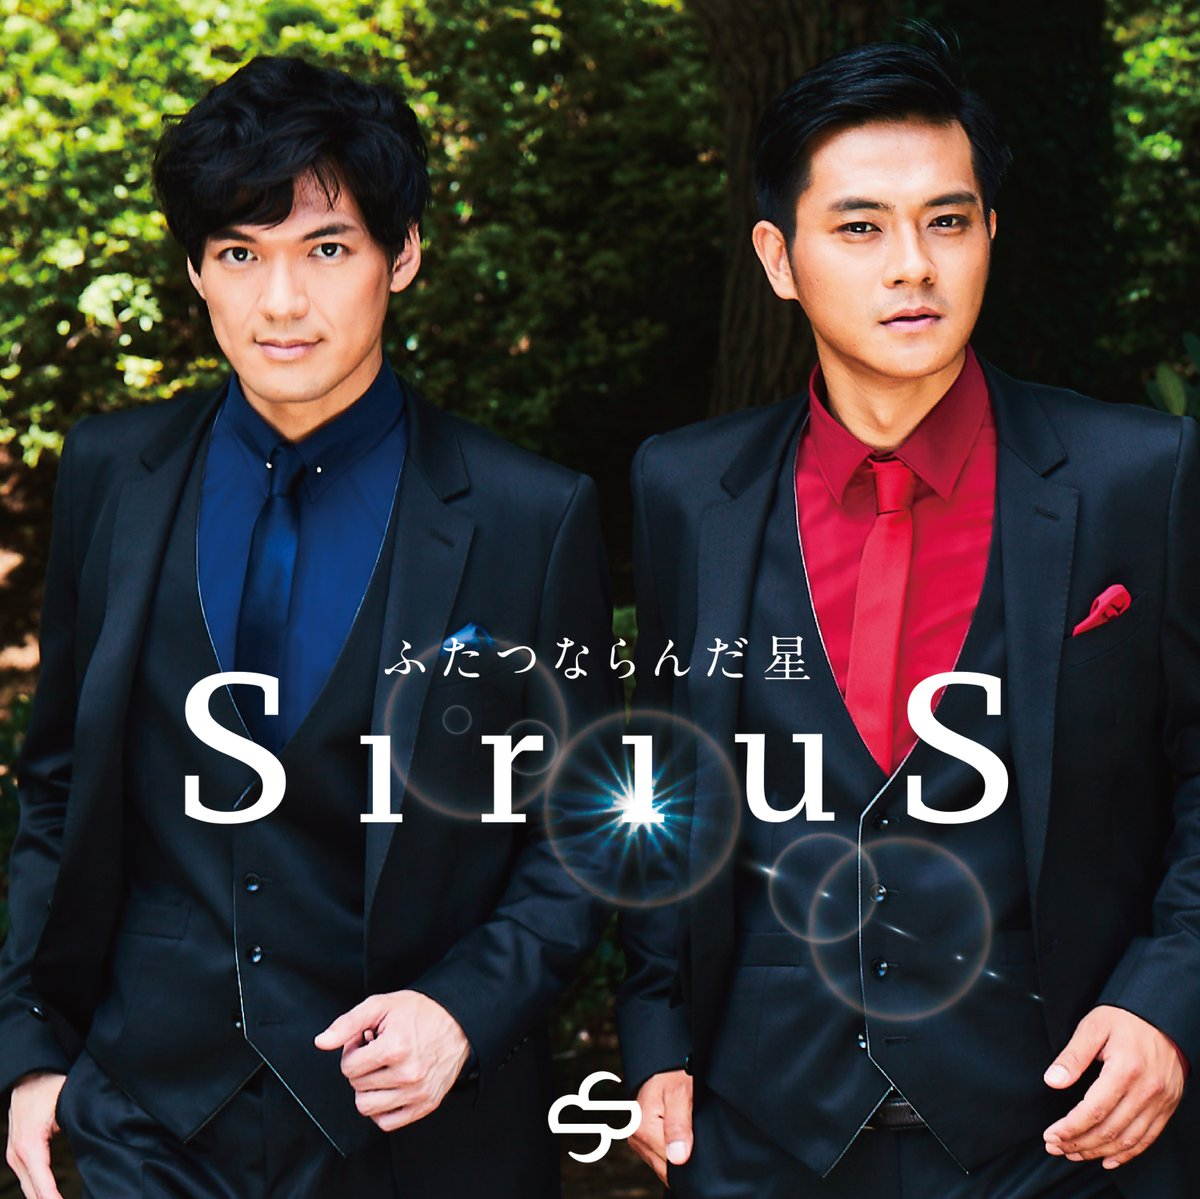 SiriuS_SingS photo